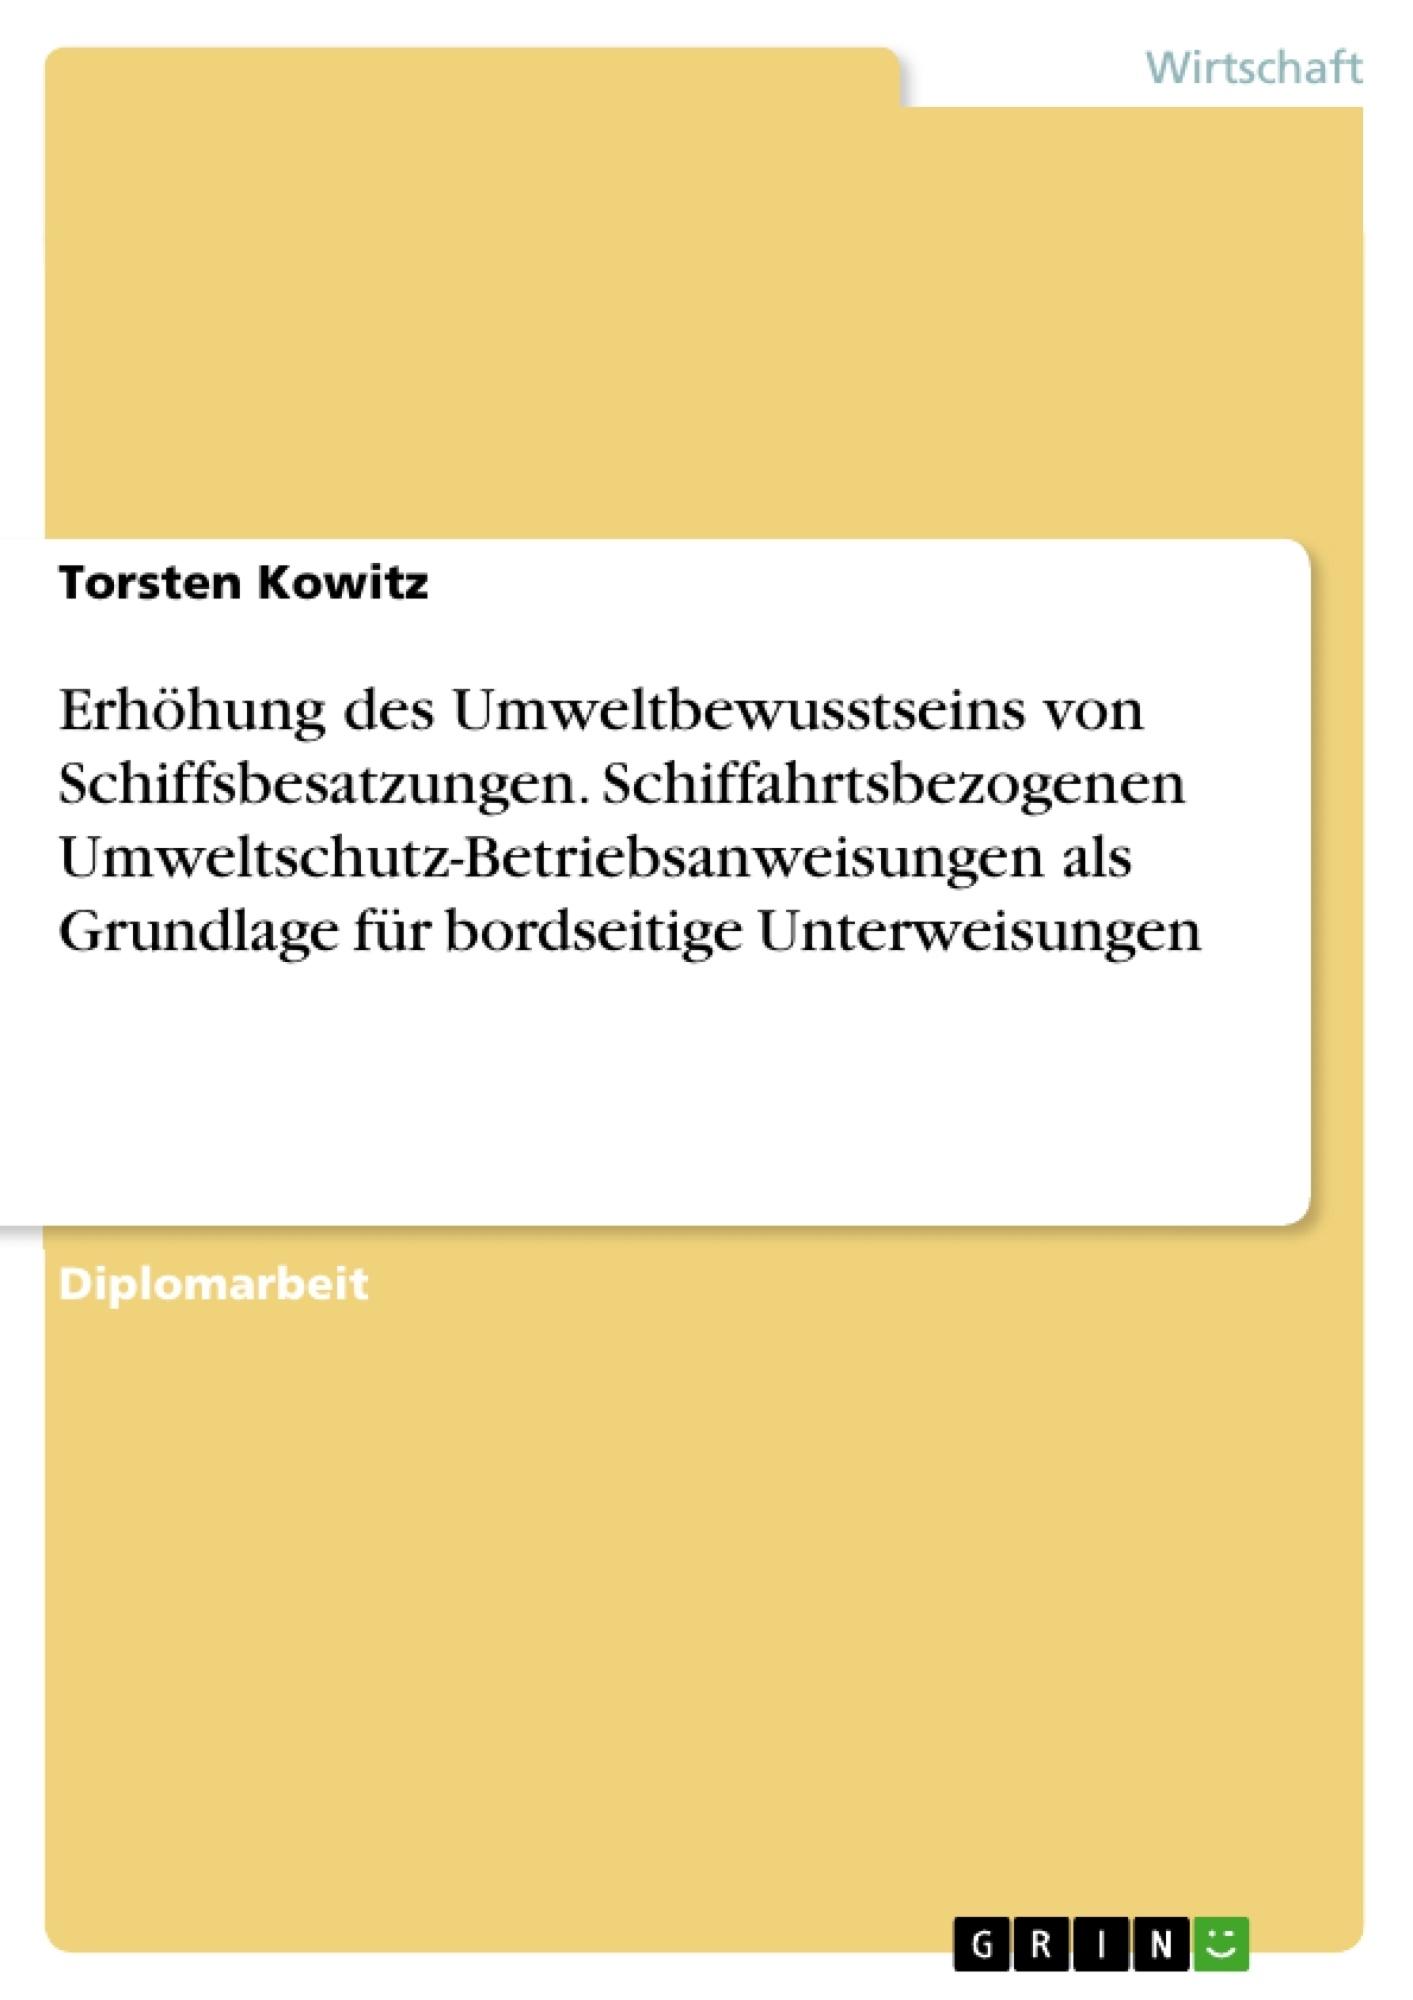 Titel: Erhöhung des Umweltbewusstseins von Schiffsbesatzungen. Schiffahrtsbezogenen Umweltschutz-Betriebsanweisungen als Grundlage für bordseitige Unterweisungen